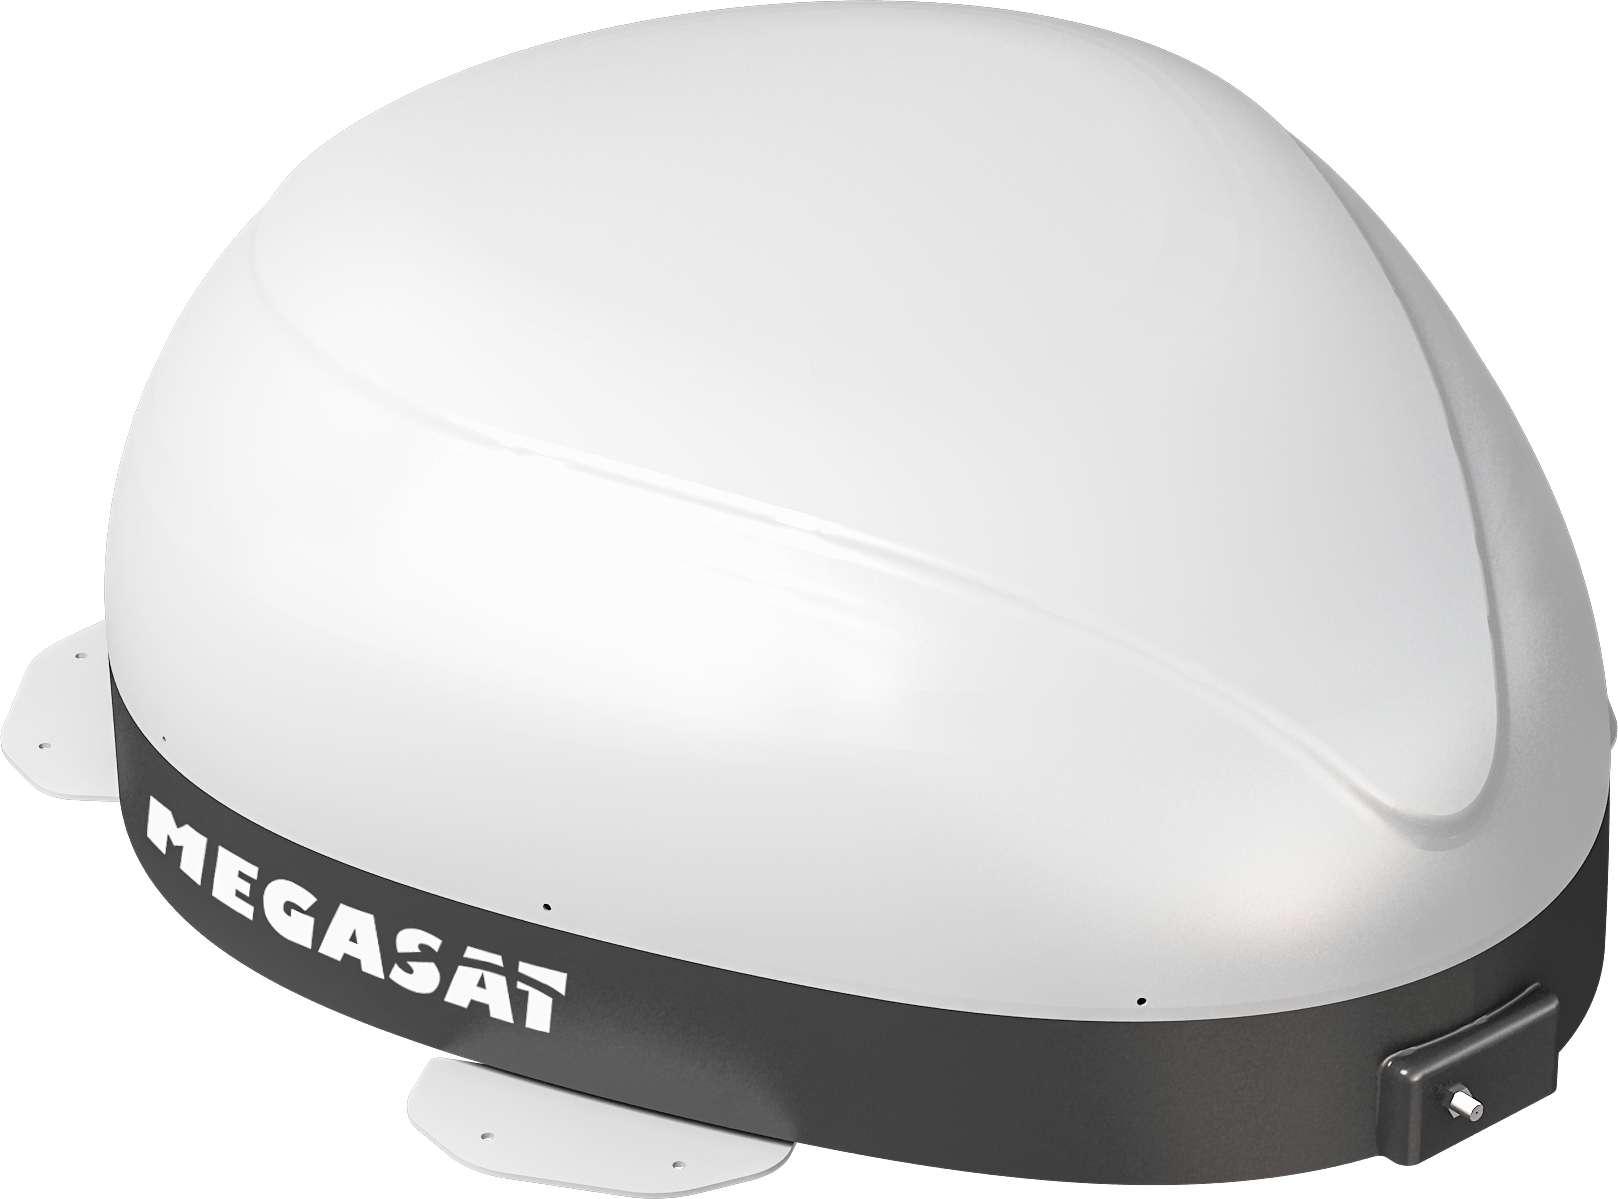 Megasat Sat-Anlage Shipman Kompakt